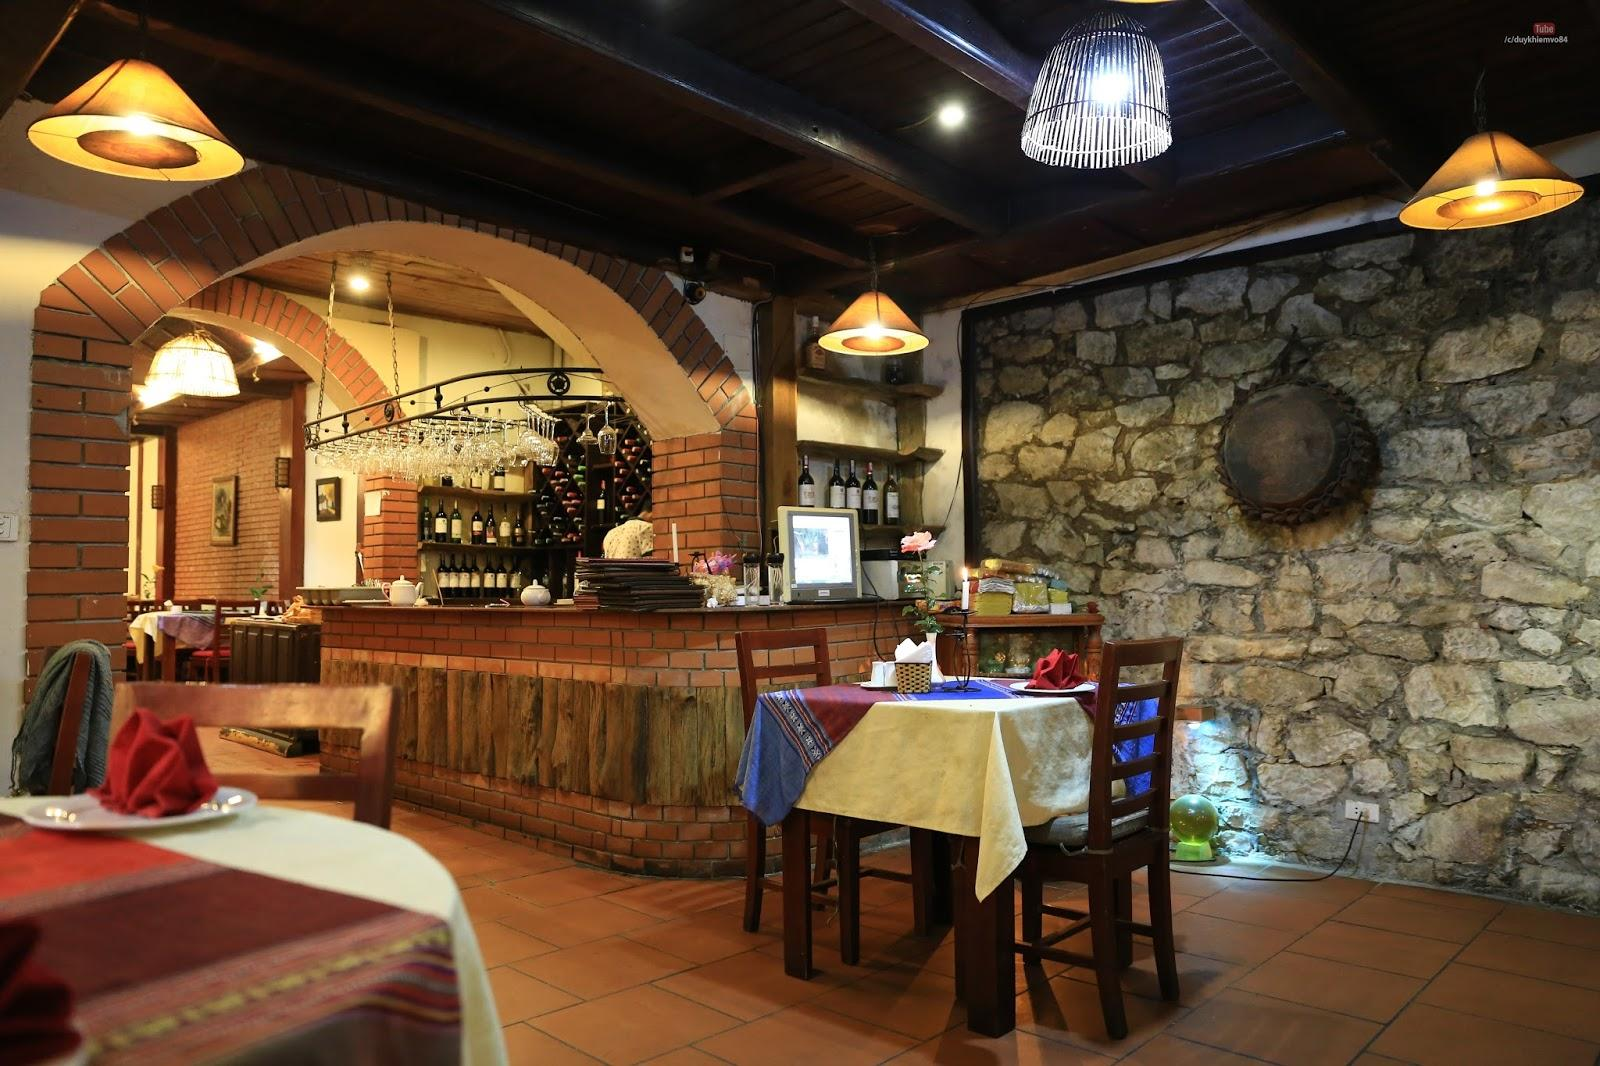 những quán ăn ngon xung quanh nhà thờ Sapa 4